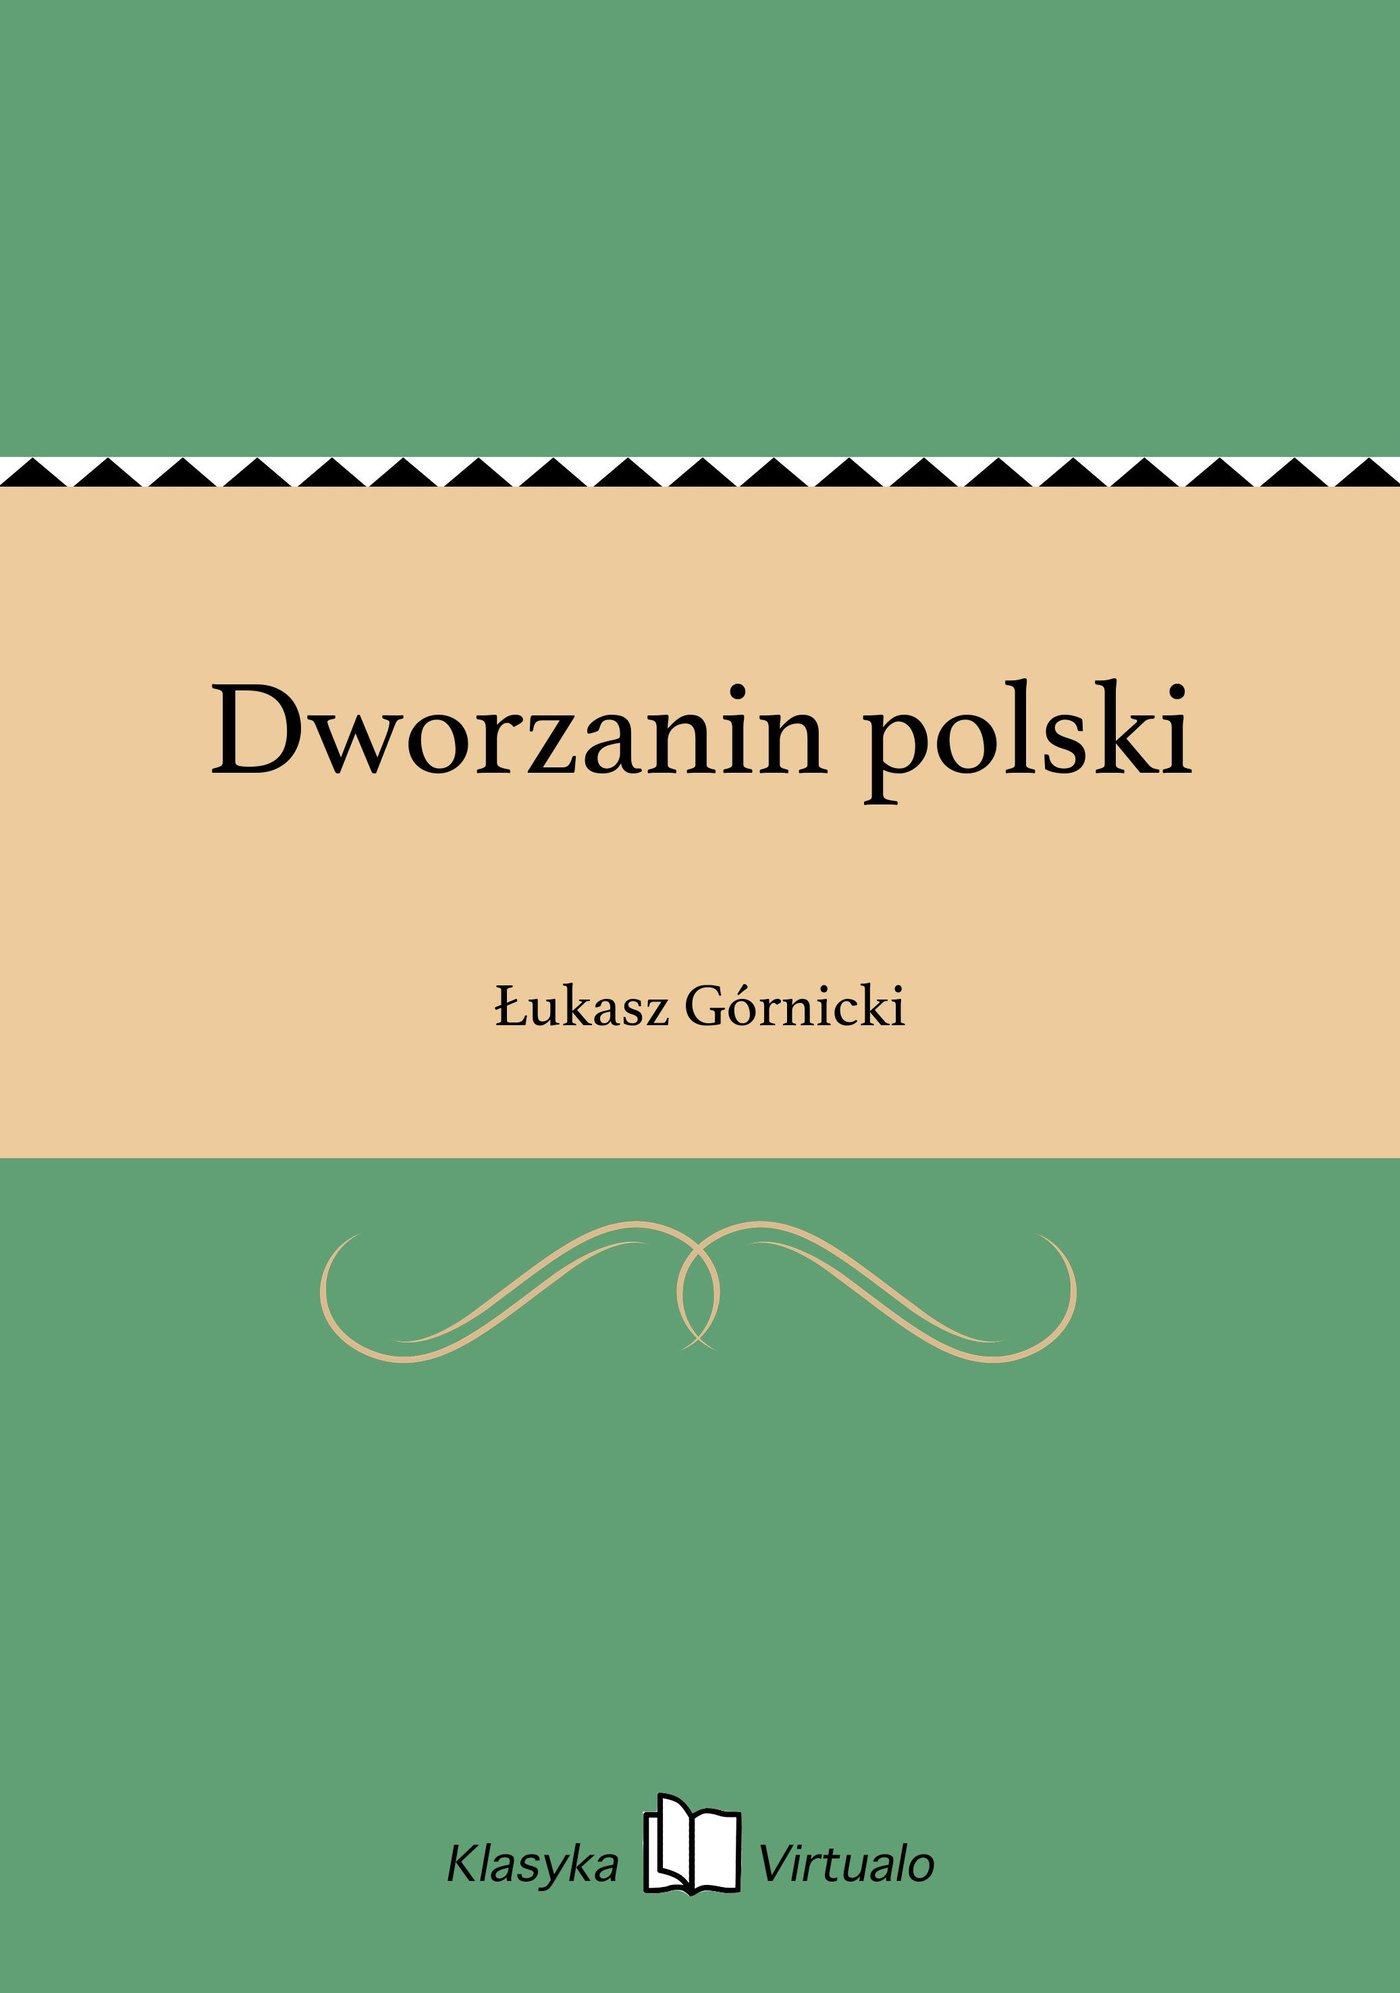 Dworzanin polski - Ebook (Książka EPUB) do pobrania w formacie EPUB